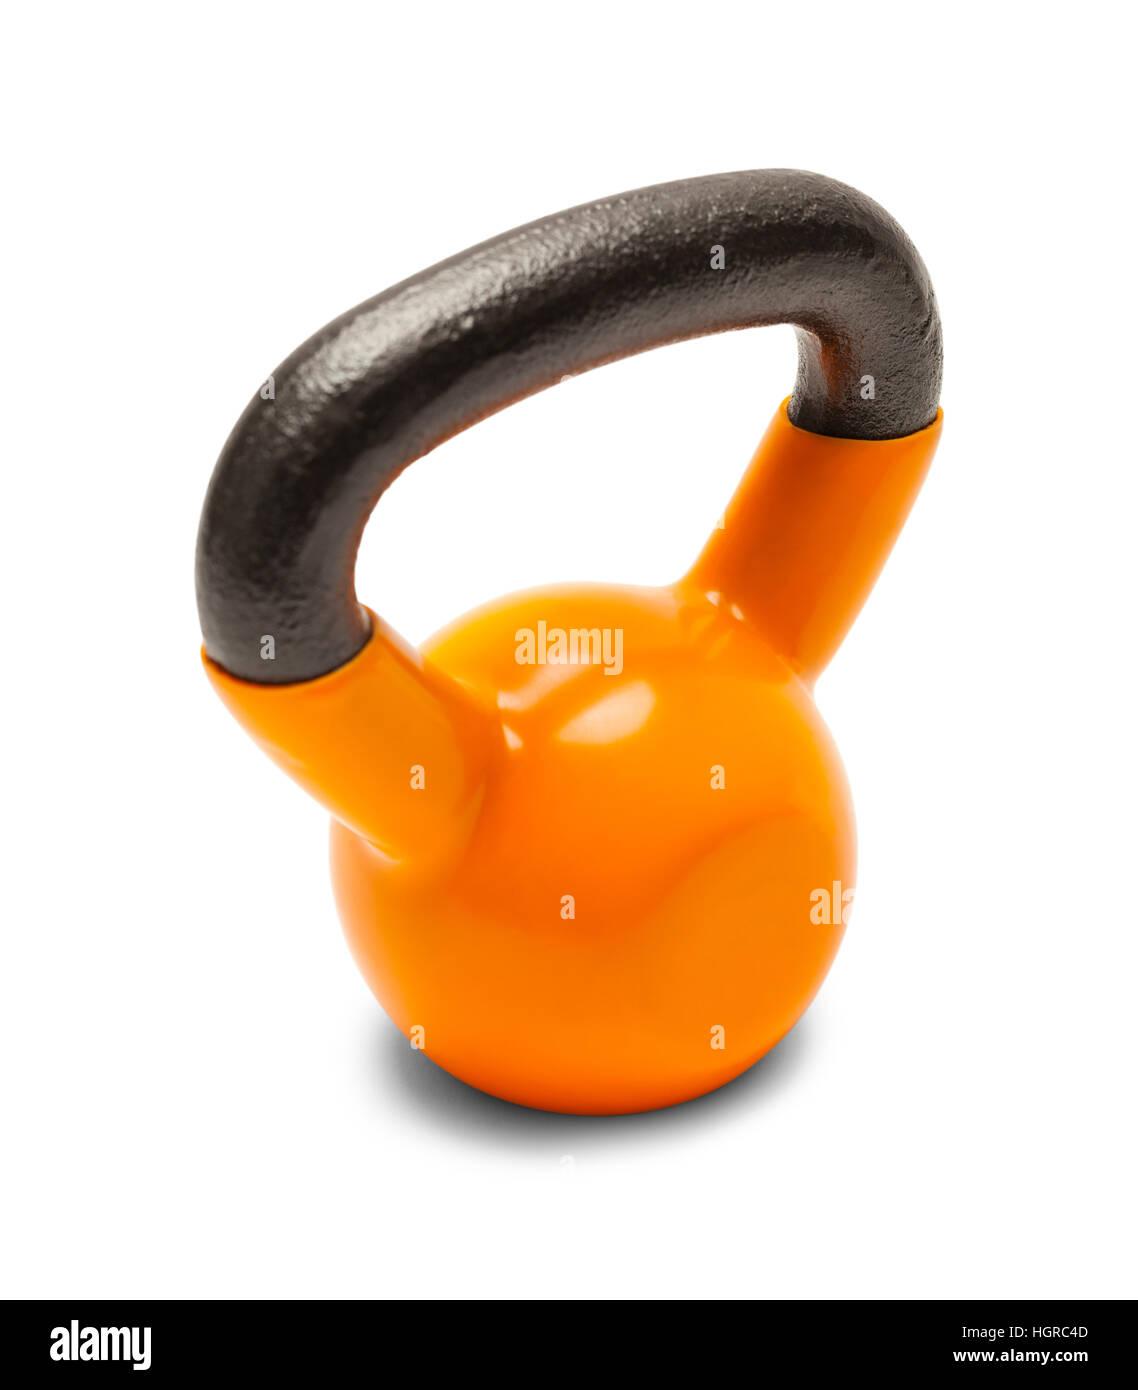 Orange Kettlebell Exercise Hand Weight Isolated on White Background. - Stock Image